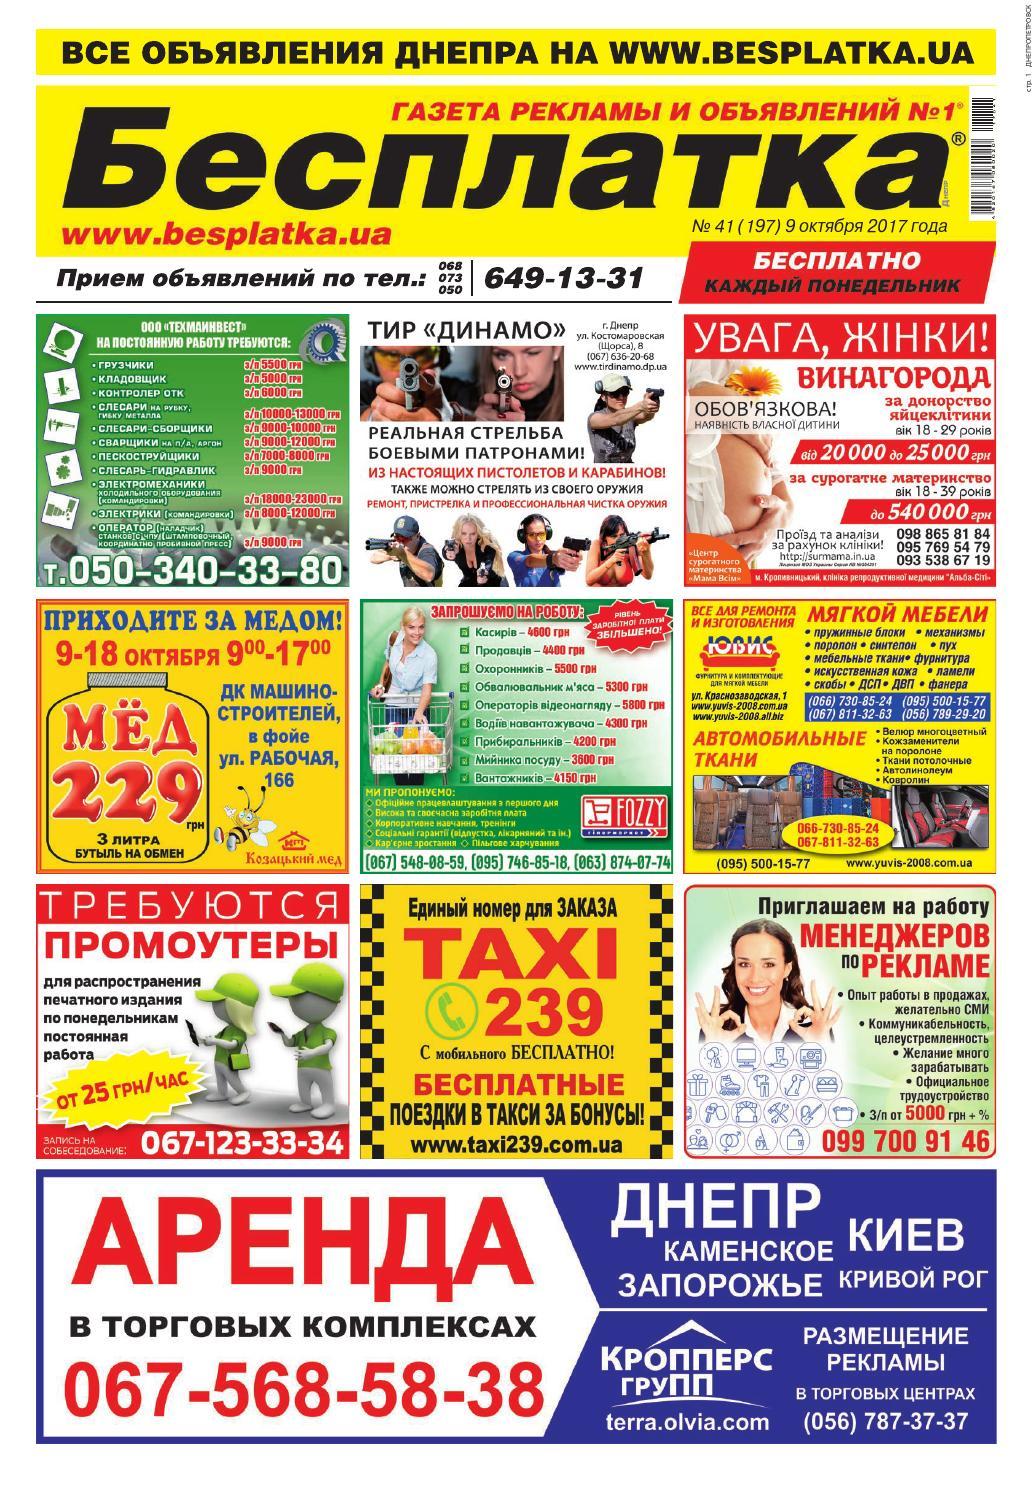 3c553ecb6394 Besplatka #41 Днепр by besplatka ukraine - issuu